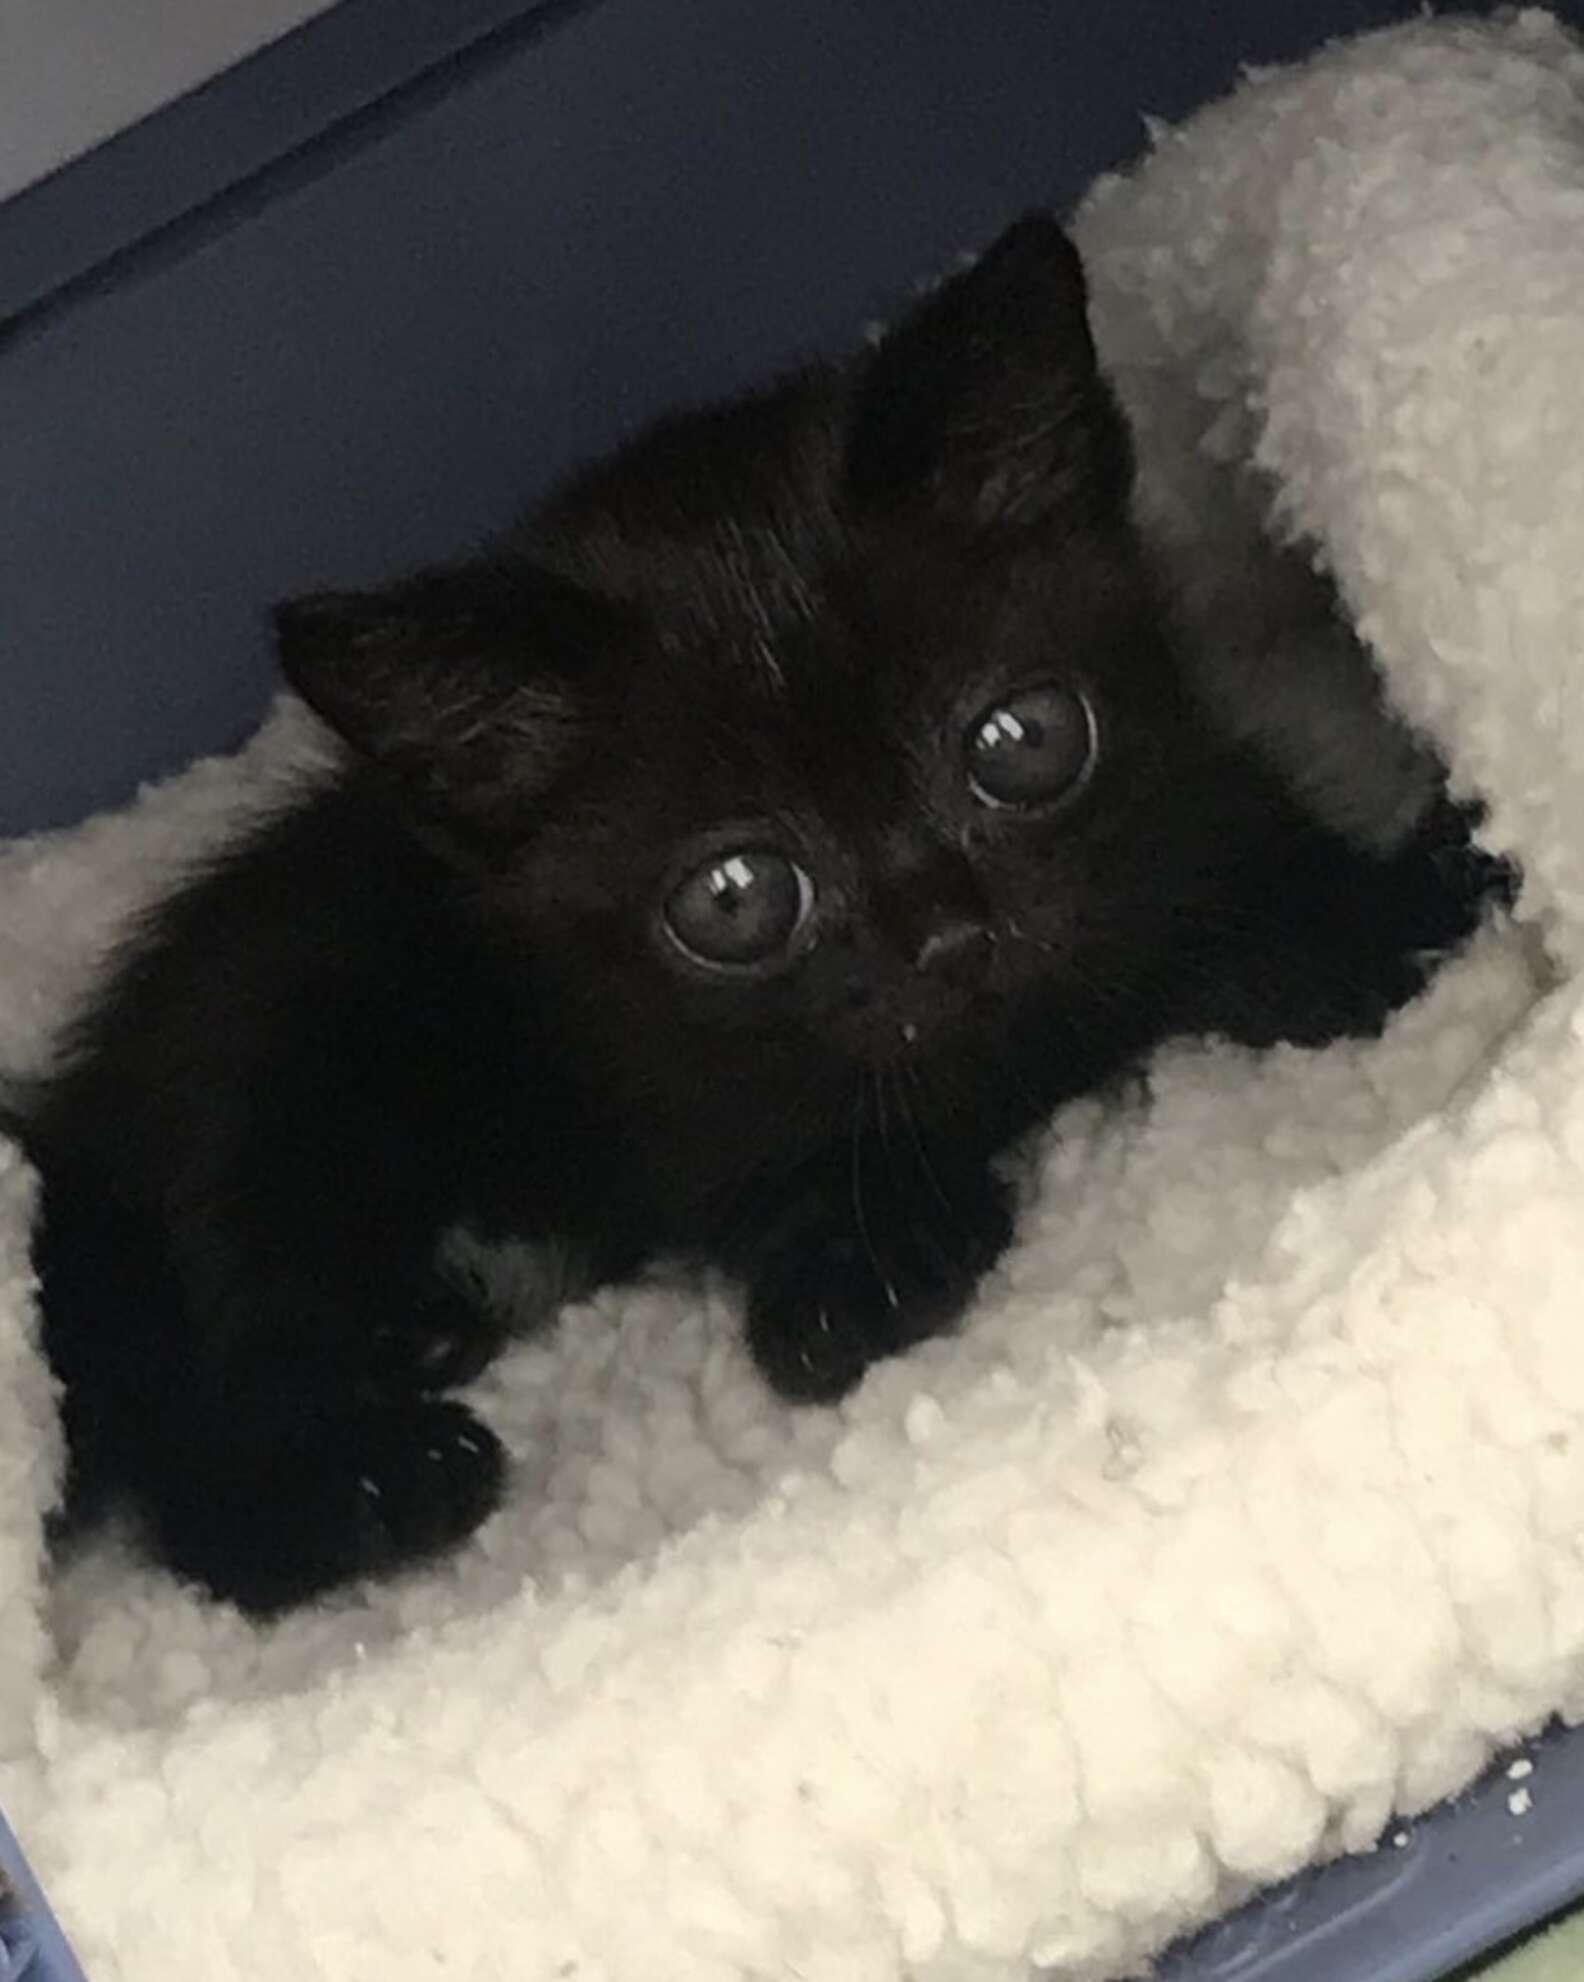 Rescue Kitten's Huge Eyes Make her Look Like an Alien